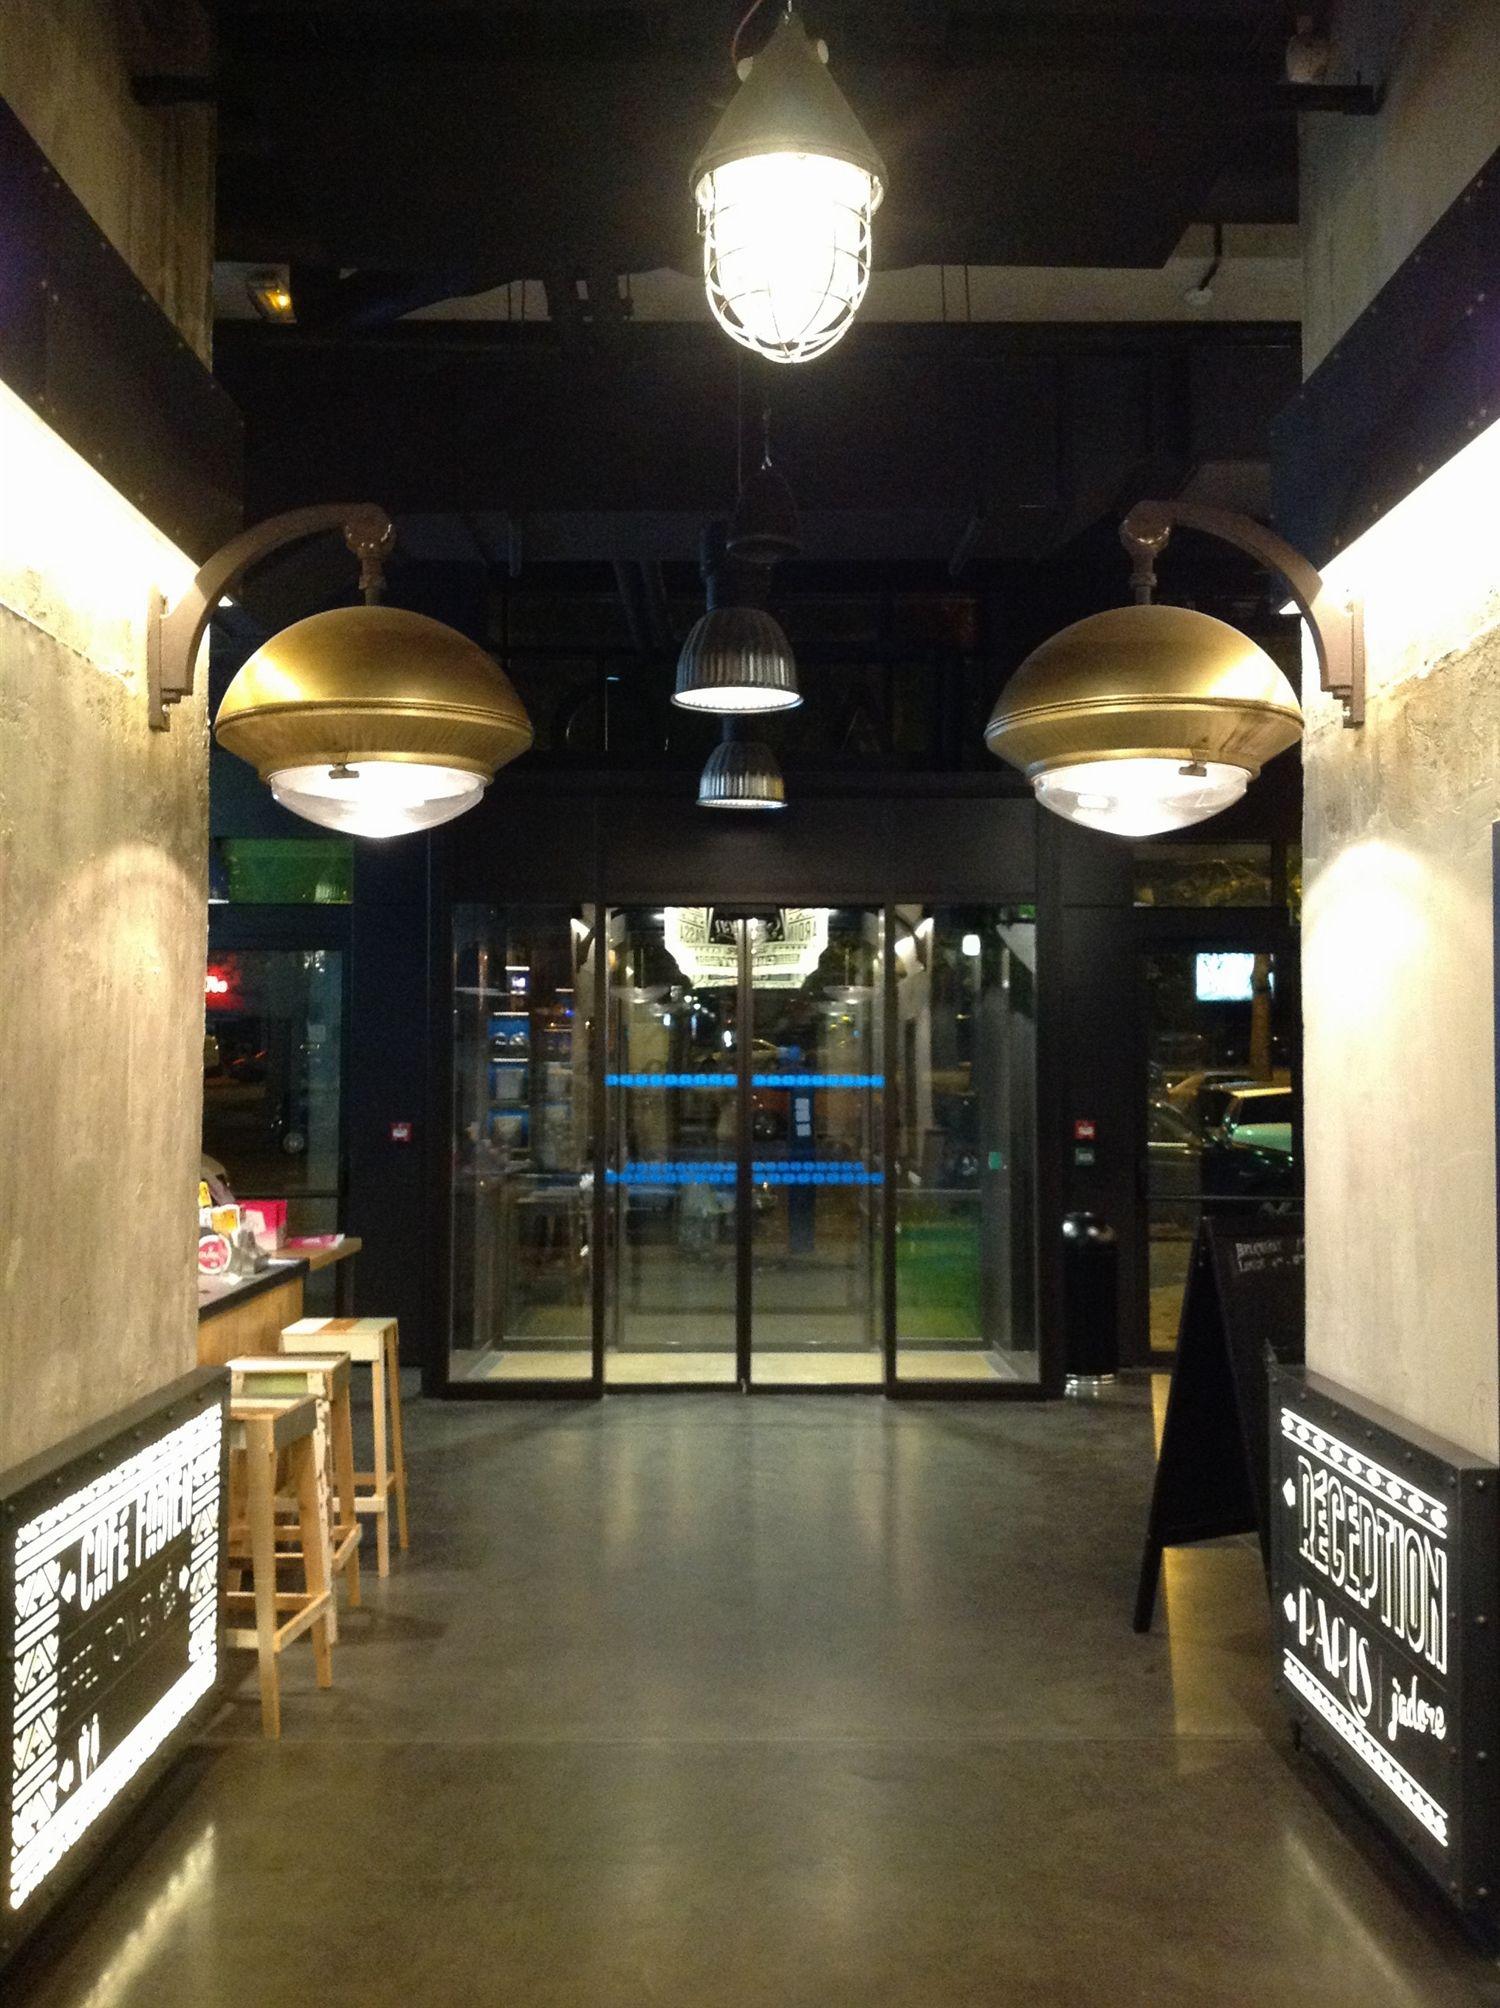 4 generator-hostel-paris-five-stars-interior-design-home-decorating ...